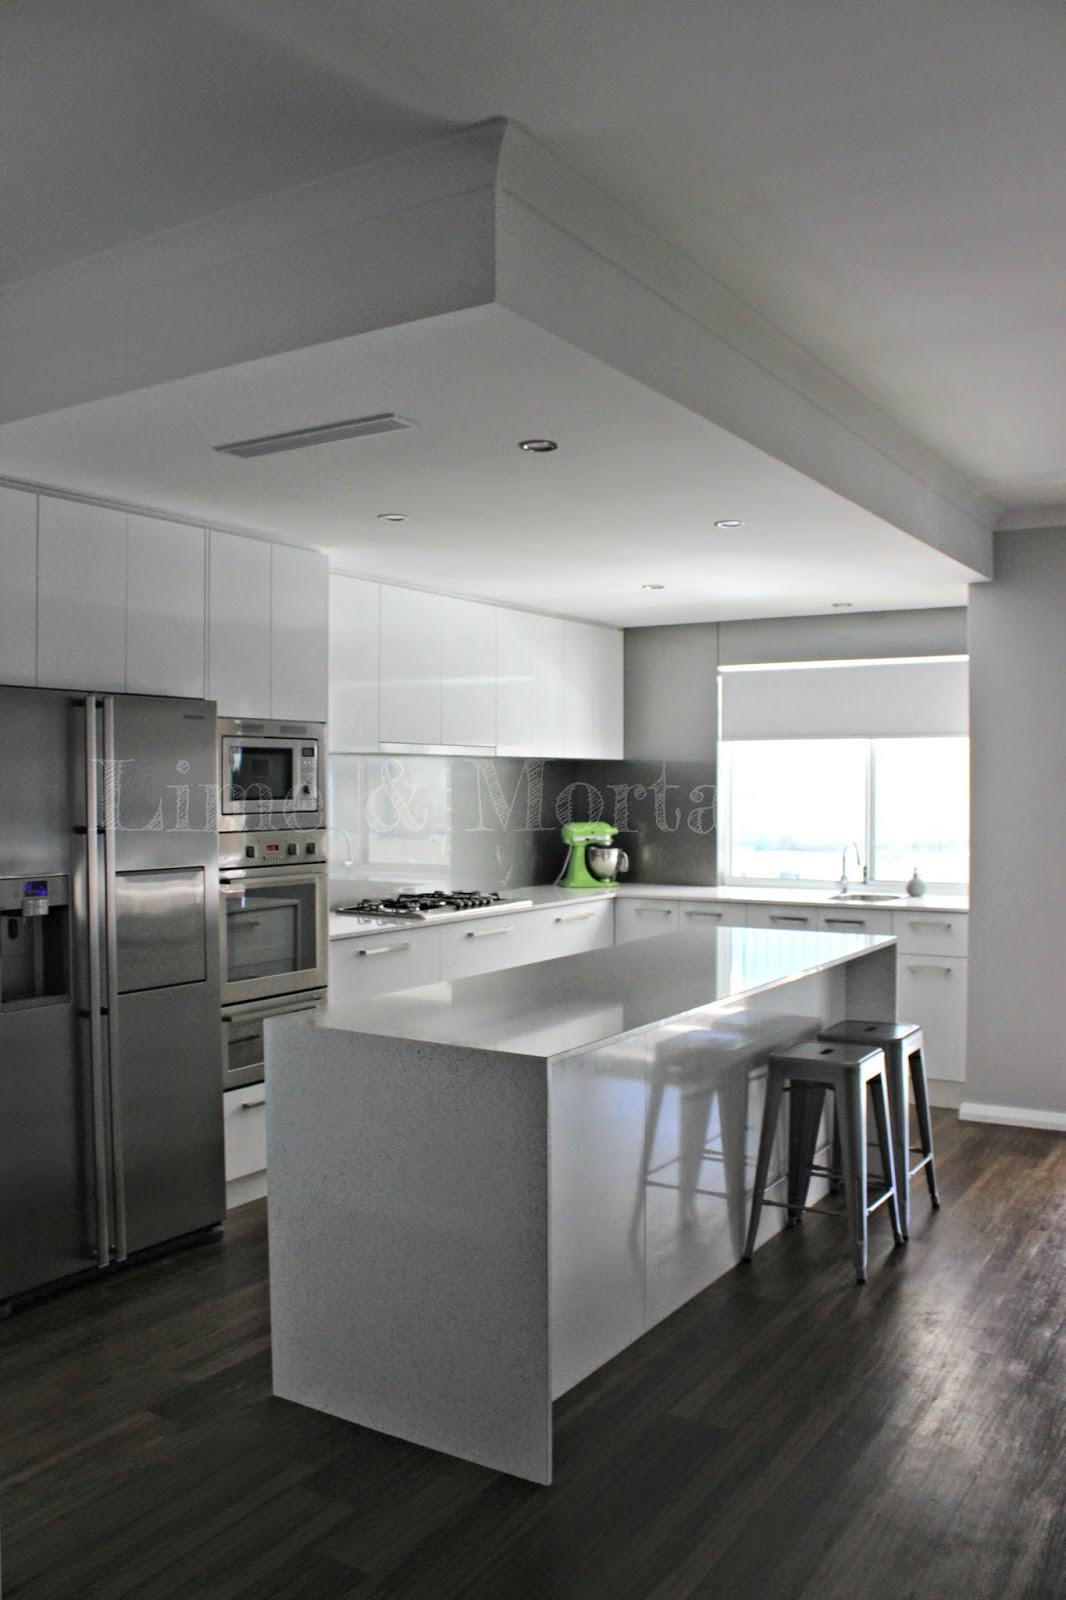 My Dream Kitchen Fashionandstylepolice: Lime & Mortar: My Dream Kitchen